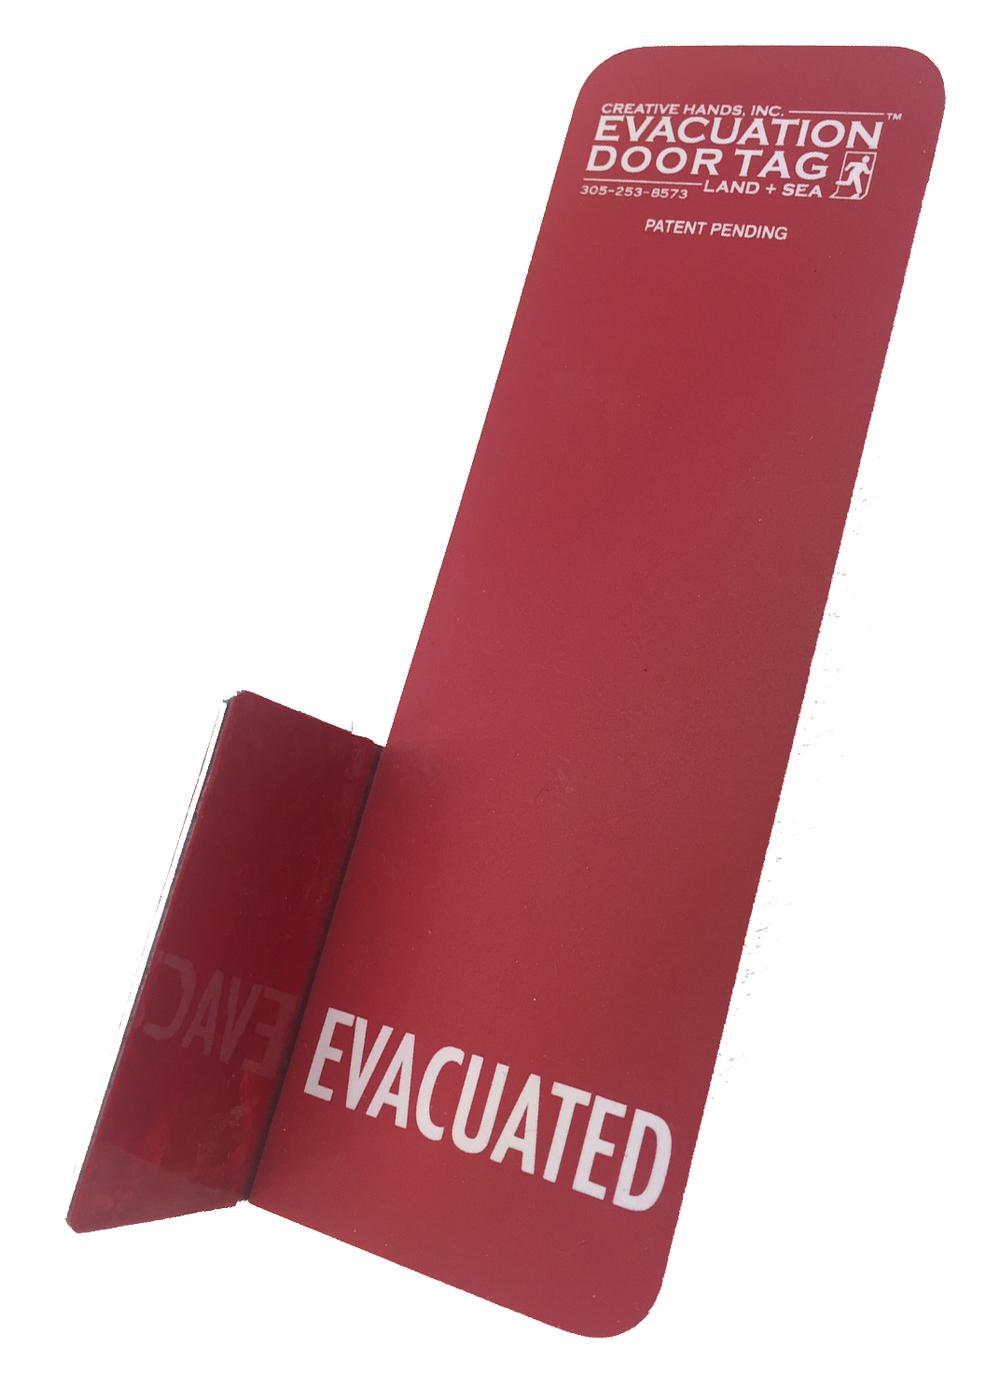 CABIN EVACUATION TAG